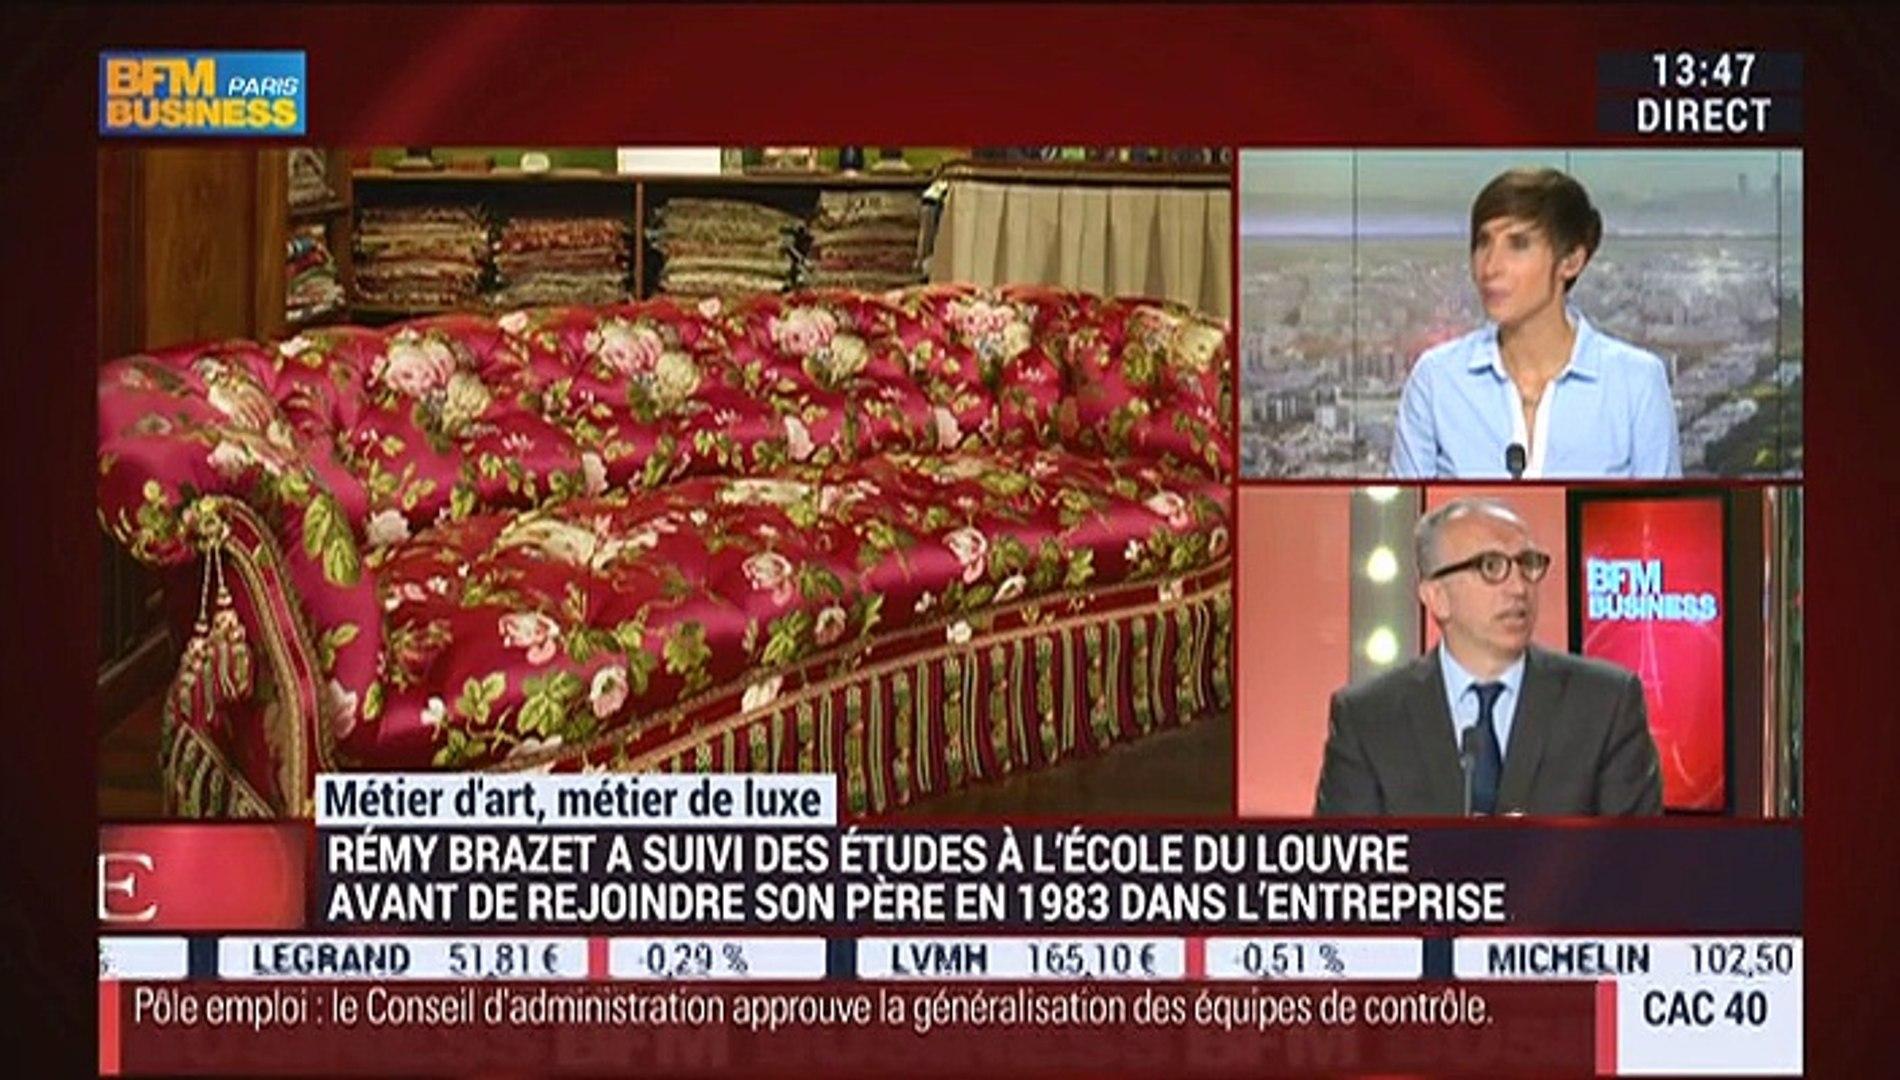 Tapissier Paris 20 métiers d'art, métiers de luxe: tapissier, rémy brazet – 20/05